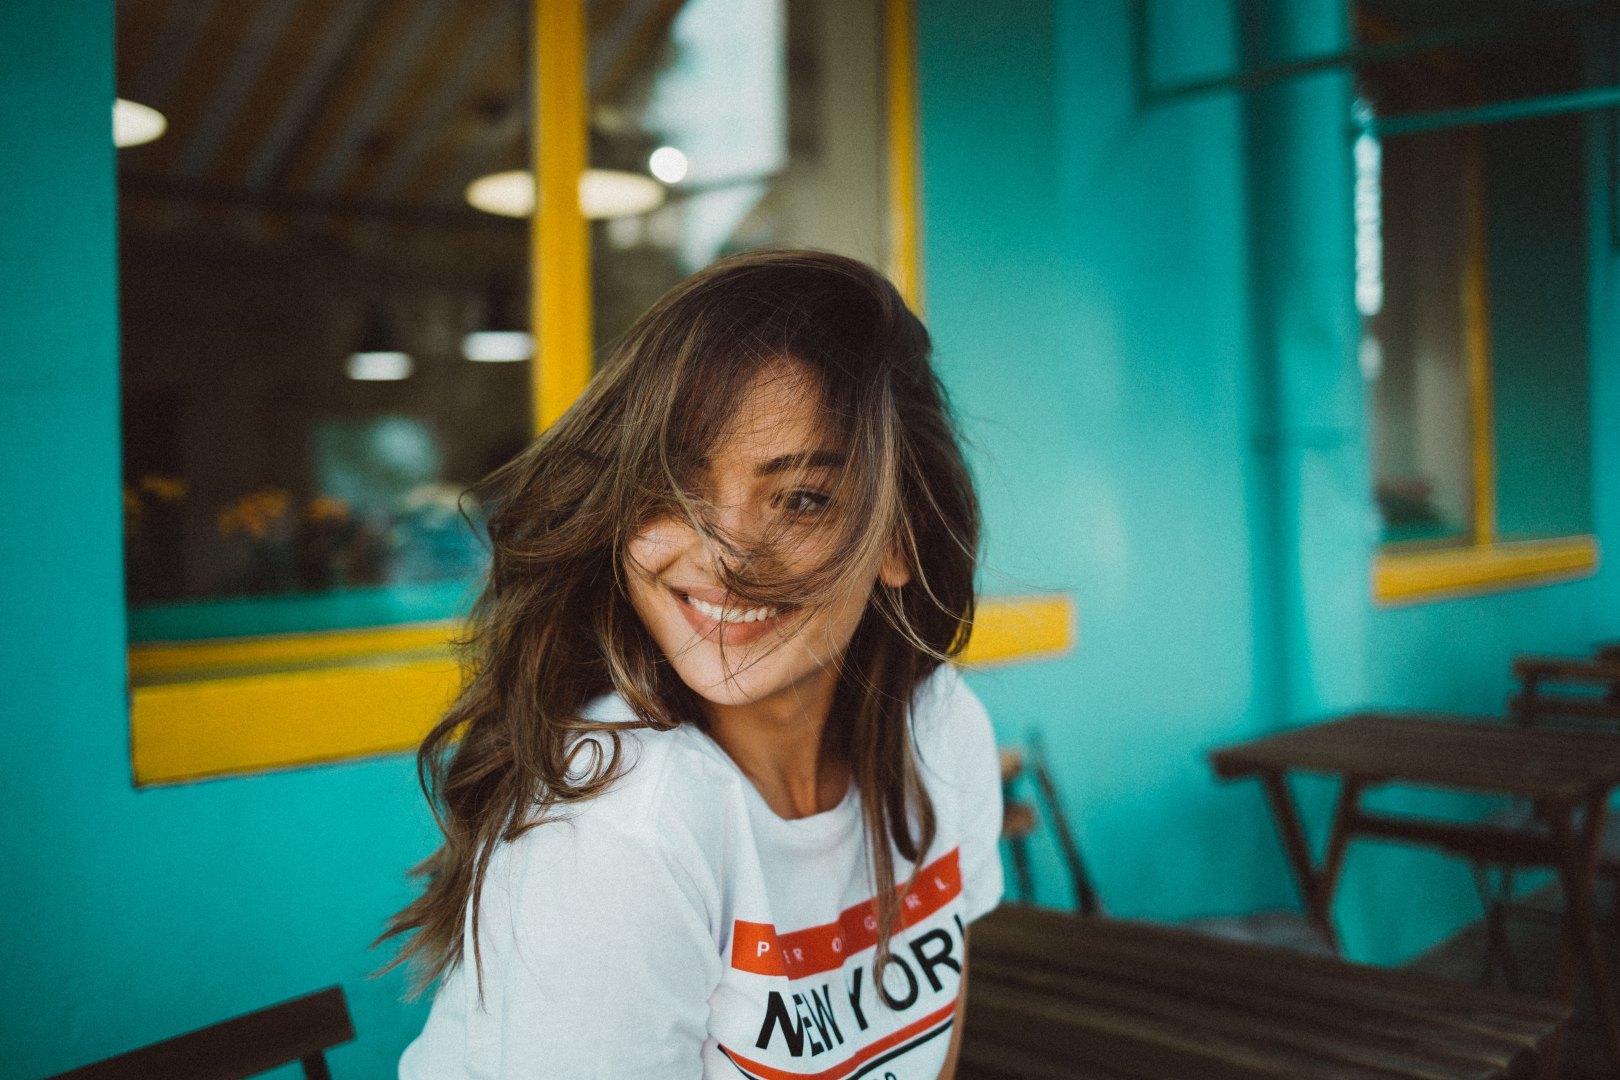 Die etwas andere Stilberatung in Nürnberg gibt es bei Talent & Soul. Die experimentierte Stylistin Caroline Fischer ist Inhaberin der Firma und Betreiberin des Blogs fashionfuntalk.blog.